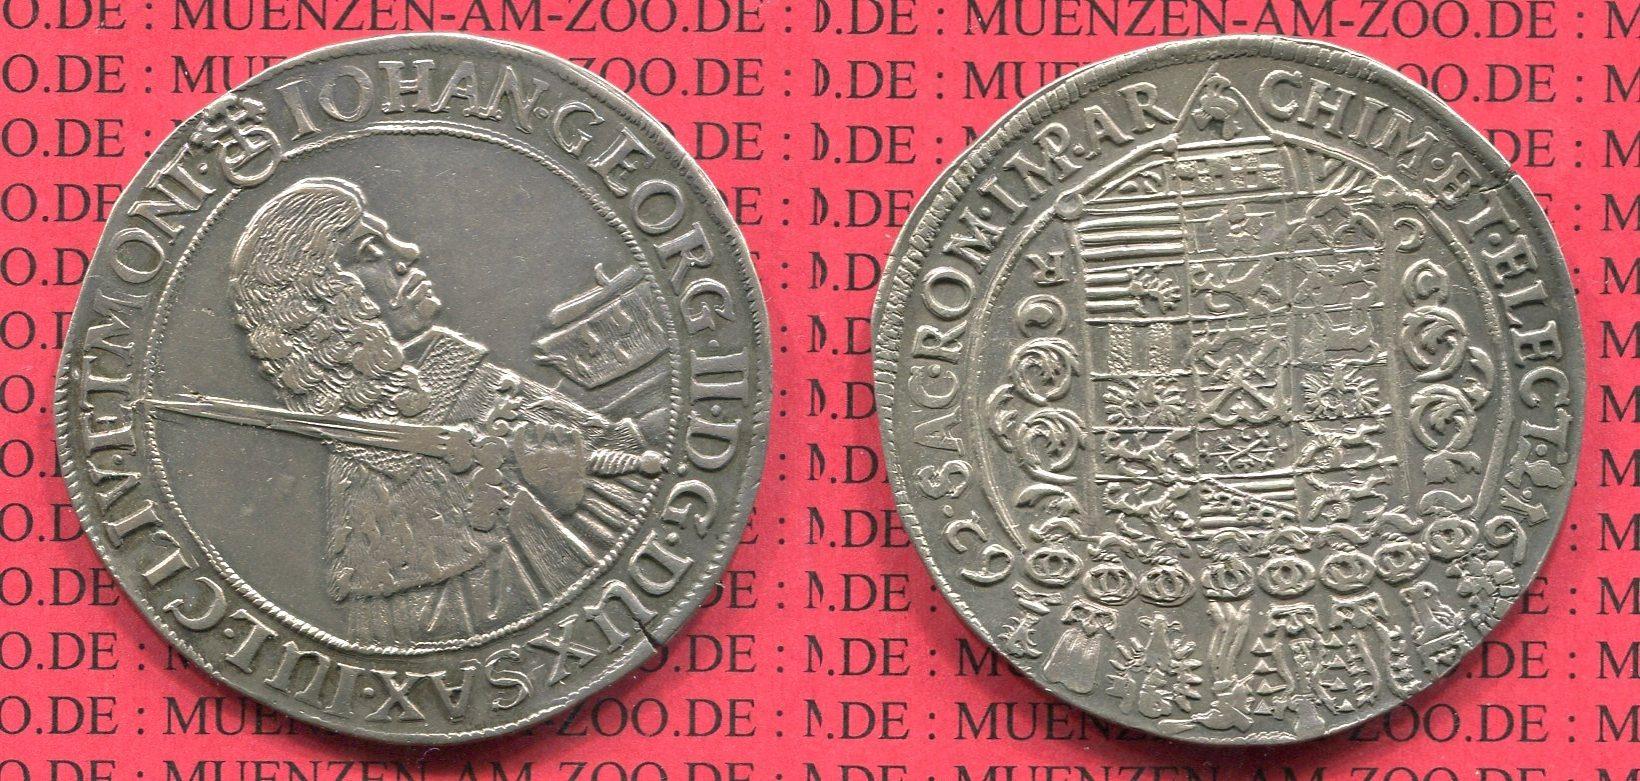 Taler 1662 Sachsen Albertinische Linie Johann Georg II. 1656-1680. Erbländischer Taler xf old toning